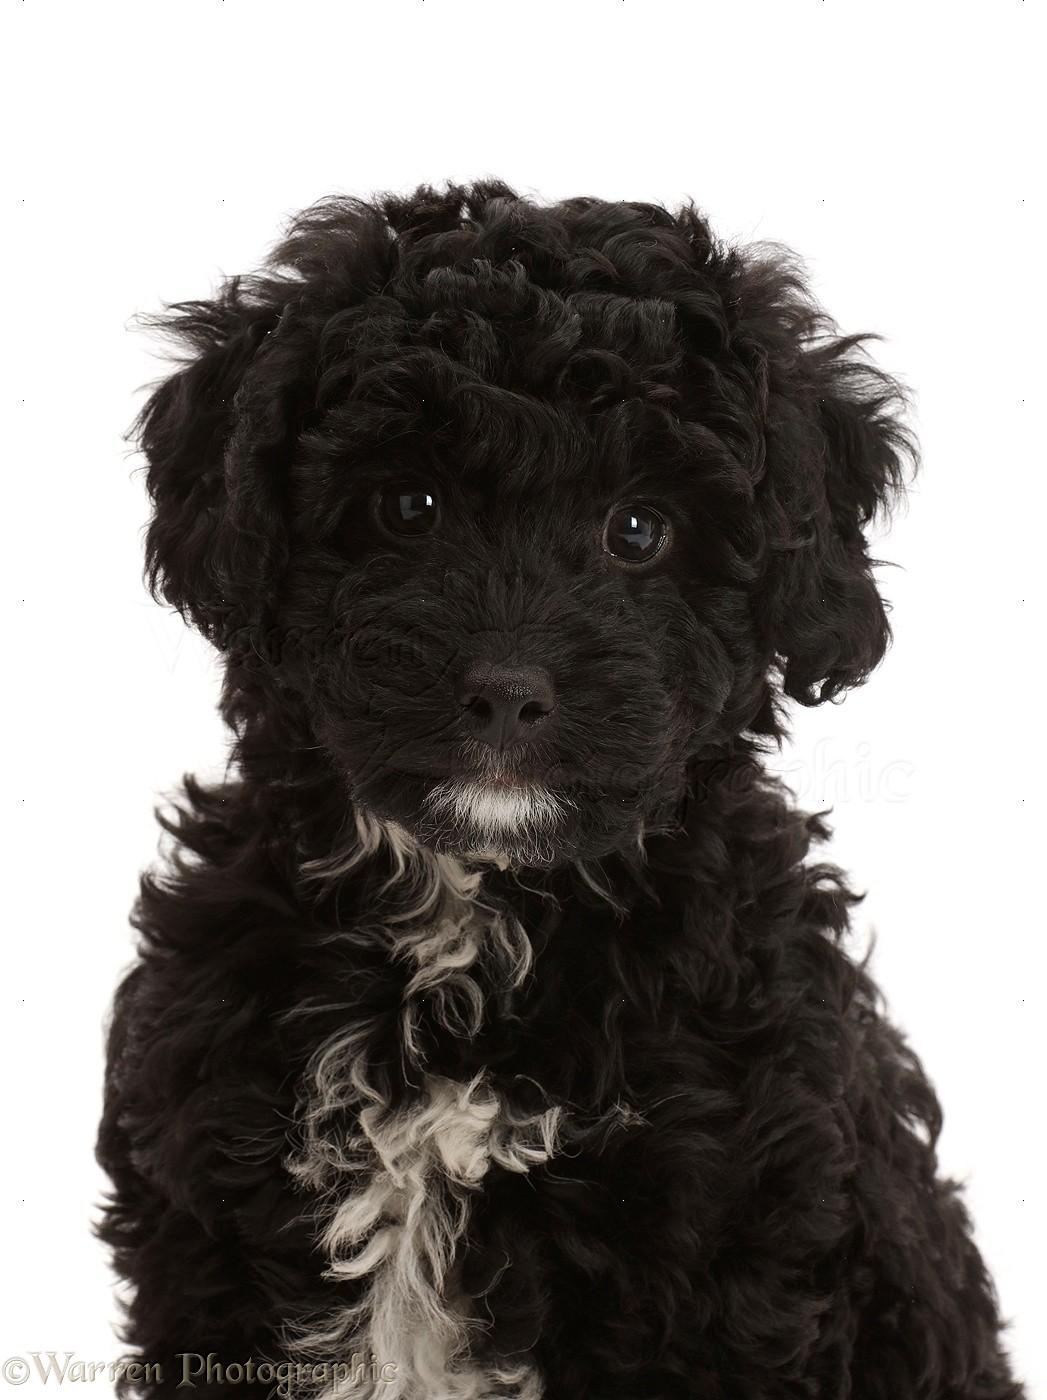 Dog Black Poodle Cross Puppy Photo Wp46932